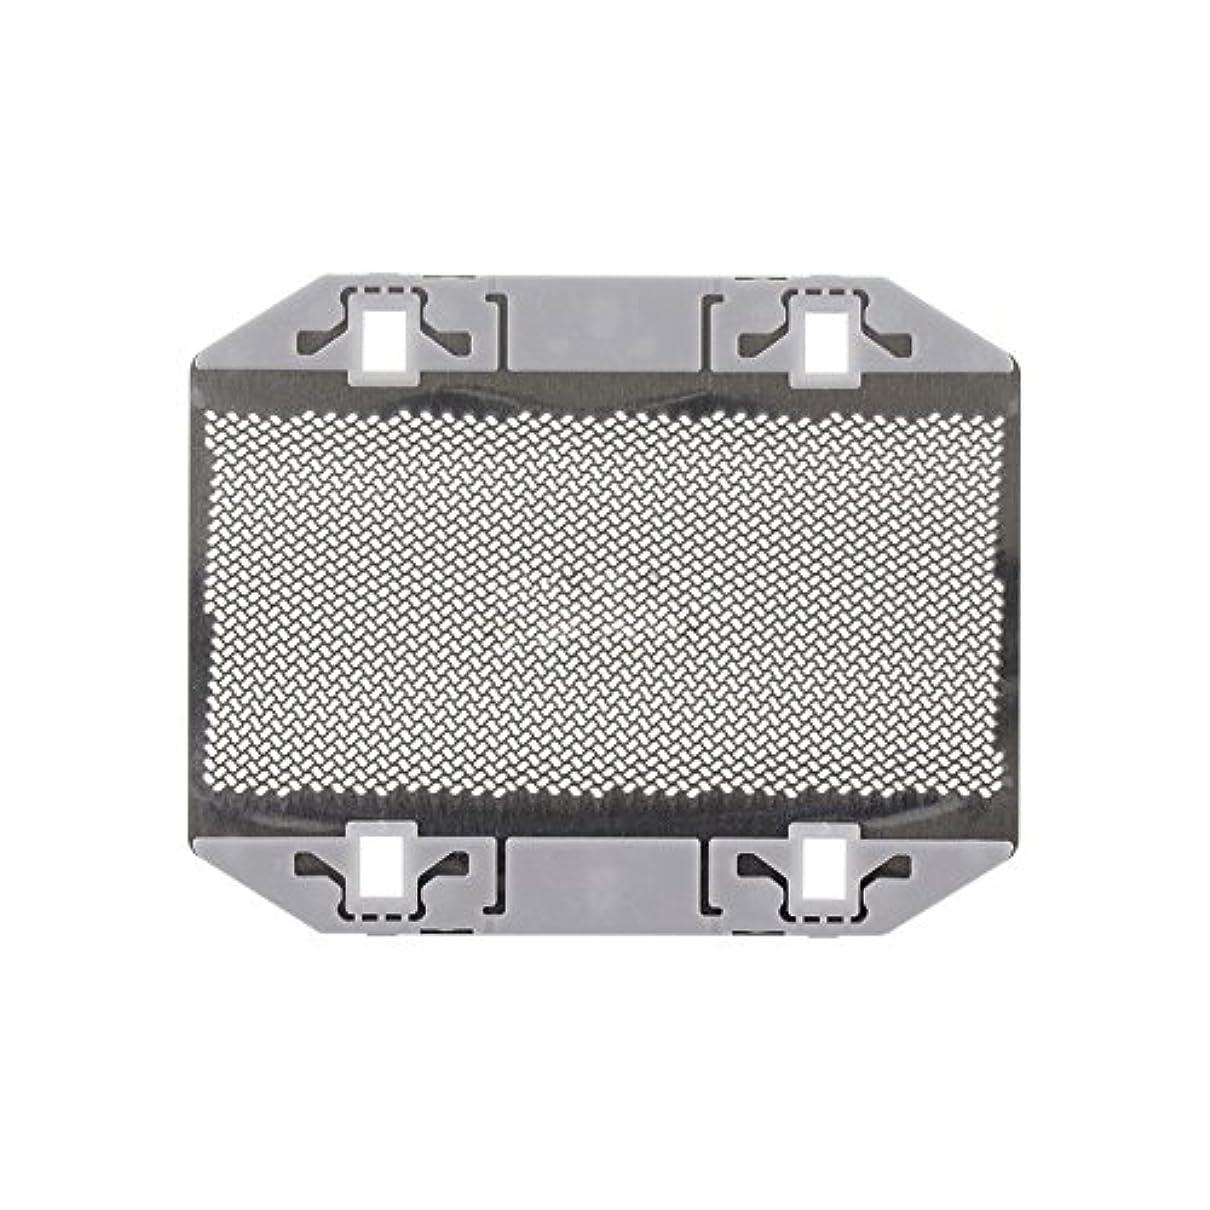 他の場所宿泊半円Juleyaing シェーバー用品 回転式シェーバー 部品 外刃 替刃 交代品 for Panasonic ES9943 ES3042 ES3801 ES3750 ES365 ES366